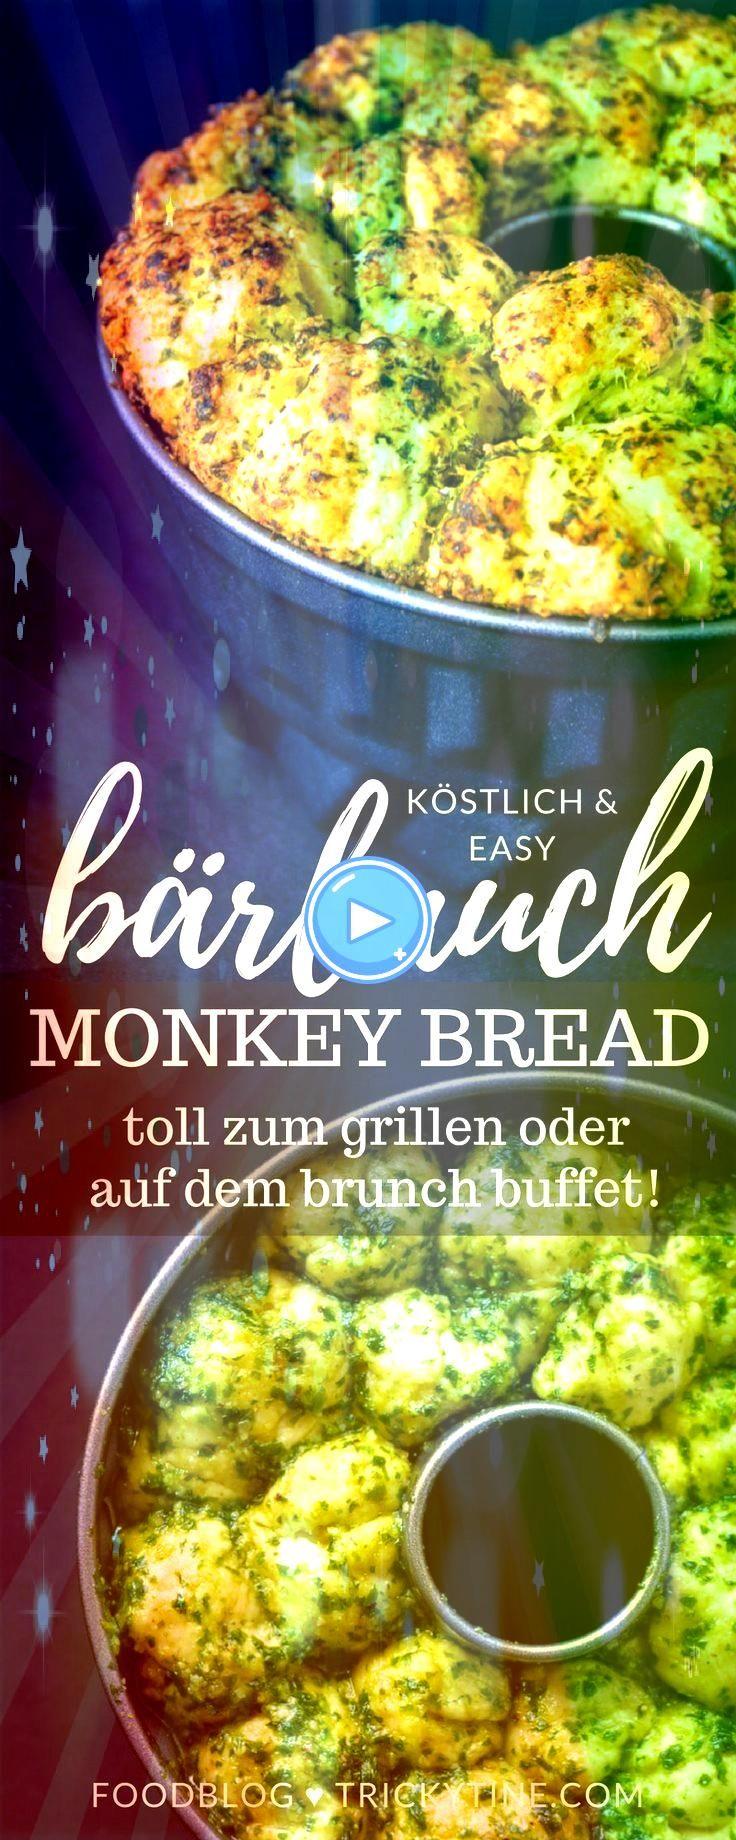 Monkey Bread Und zwar in herzhaft mit Bärlauch Pesto Affenbrot Monkey Bread Und zwar in herzhaft mit Bärlauch Pesto Affenbrot Monkey Bread Und zwar in herzhaft...